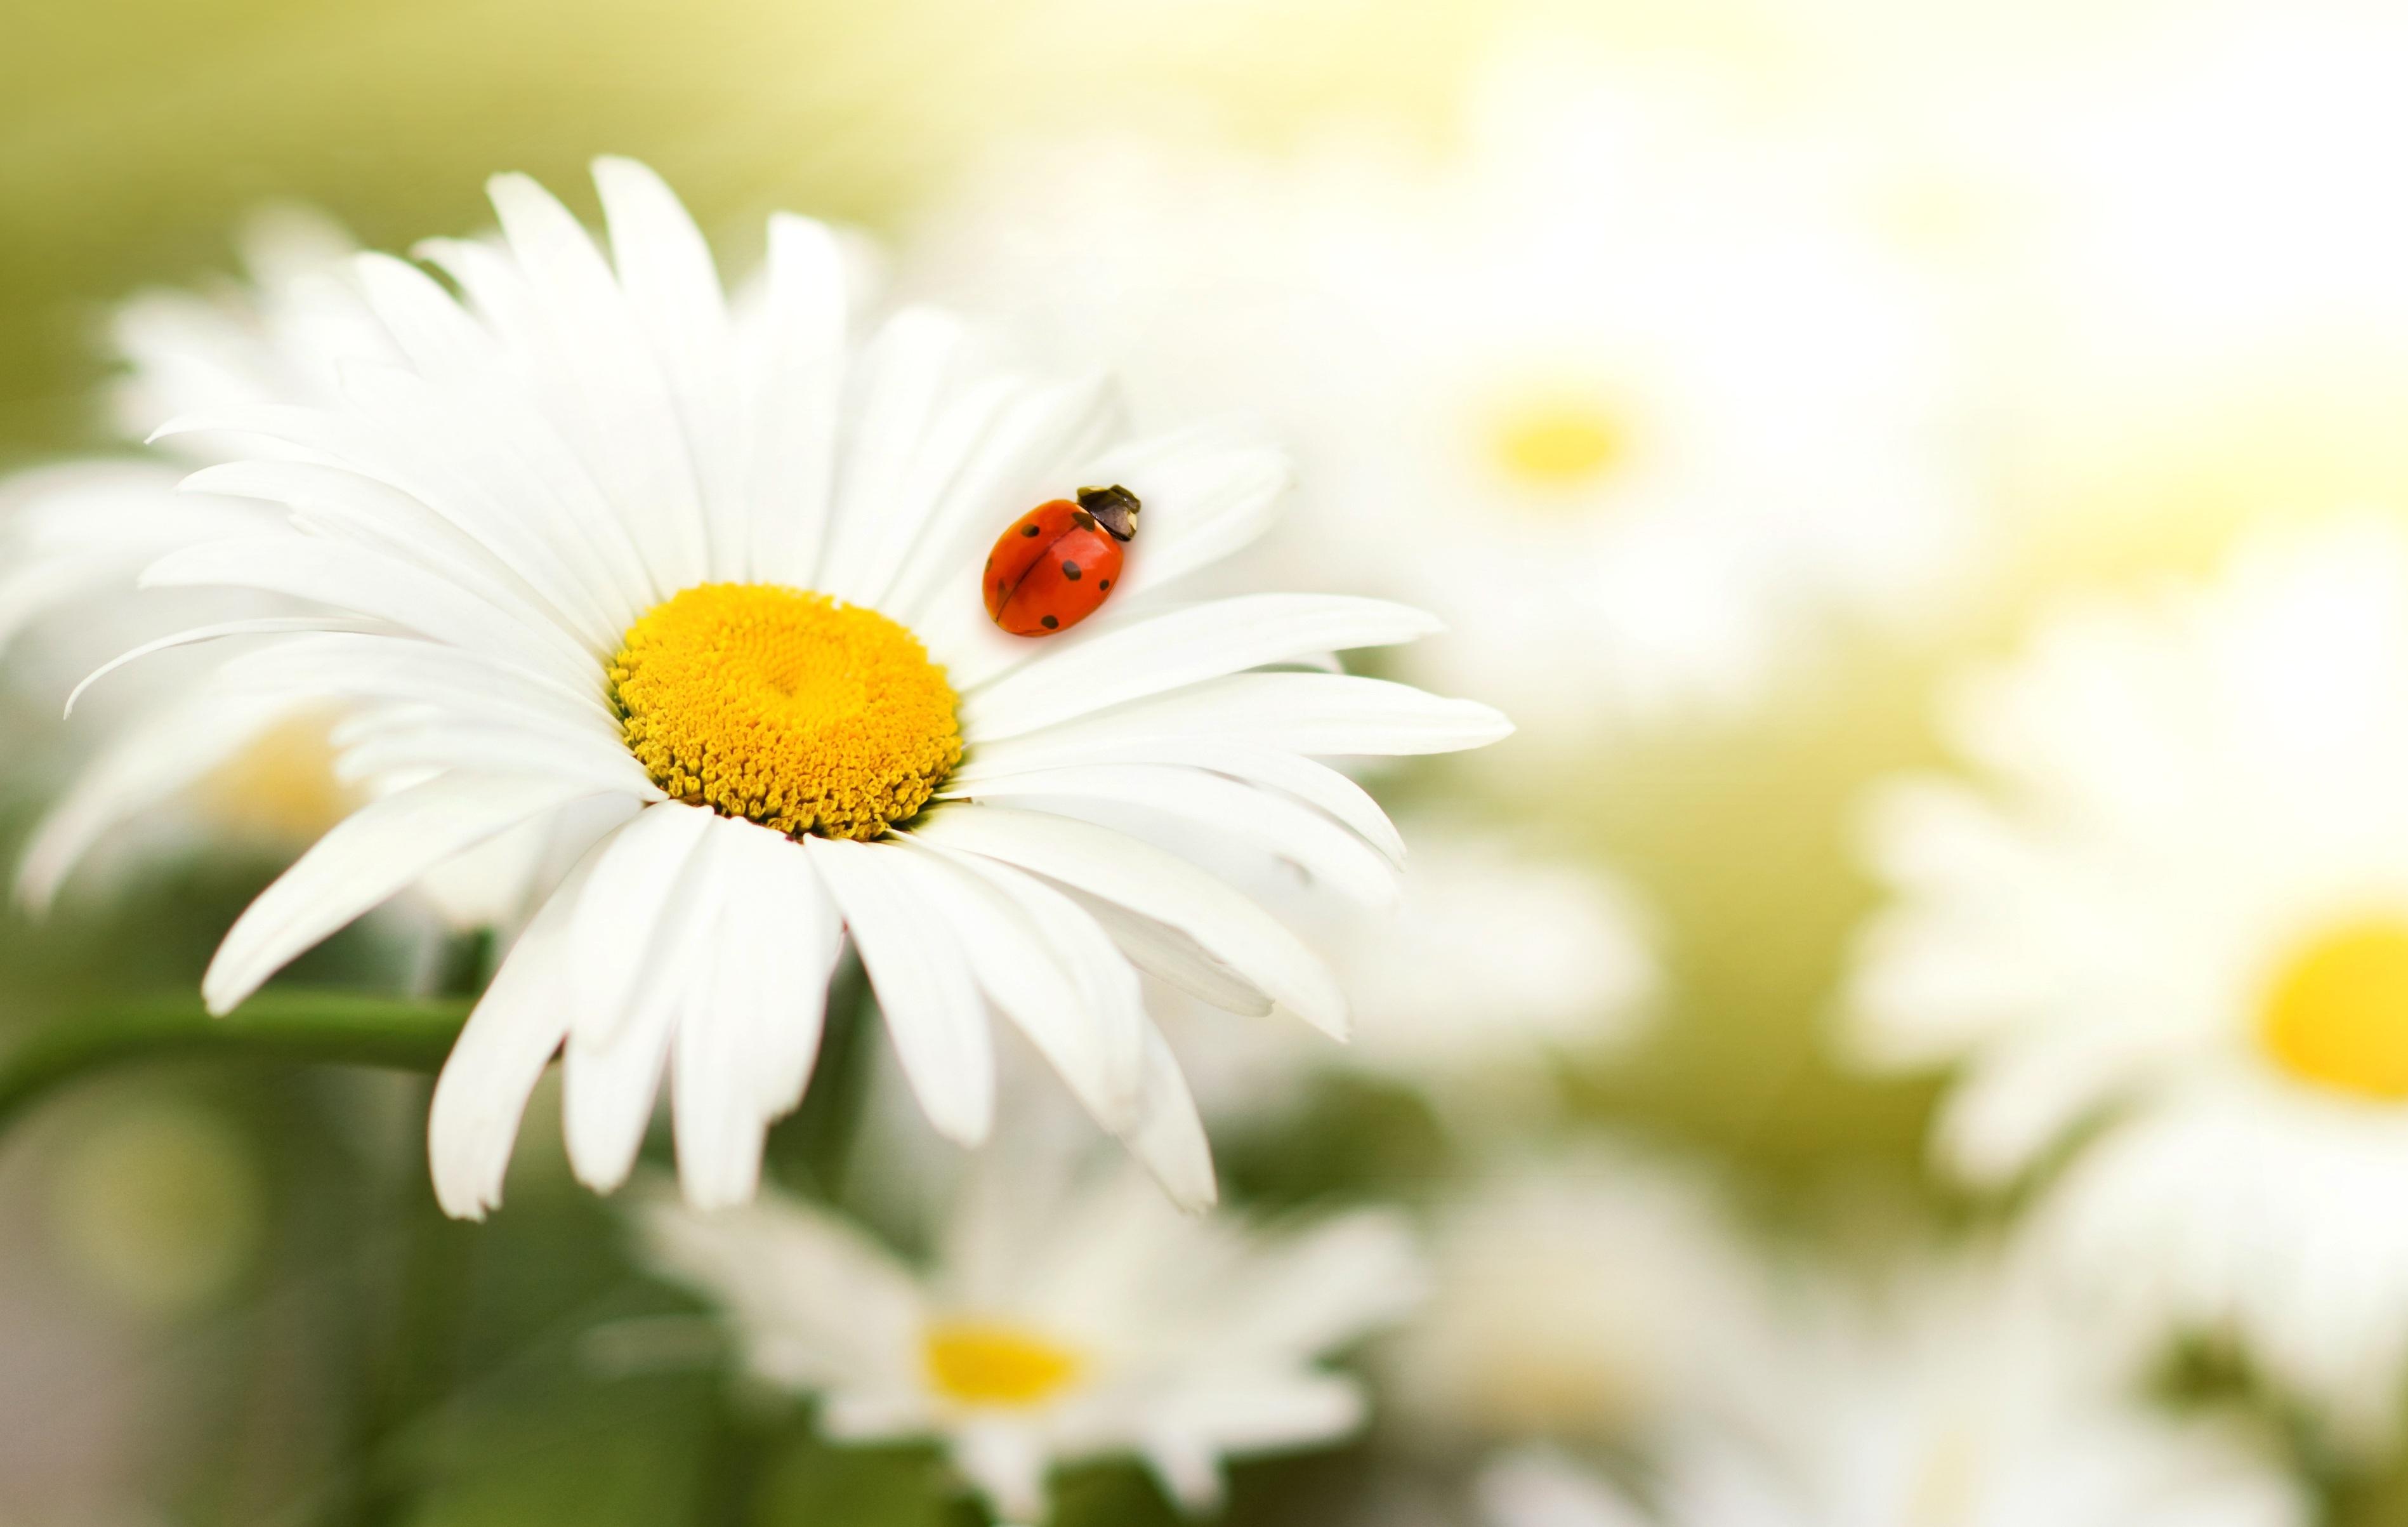 Fotos Marienkäfer Insekten Blumen Kamillen 3795x2406